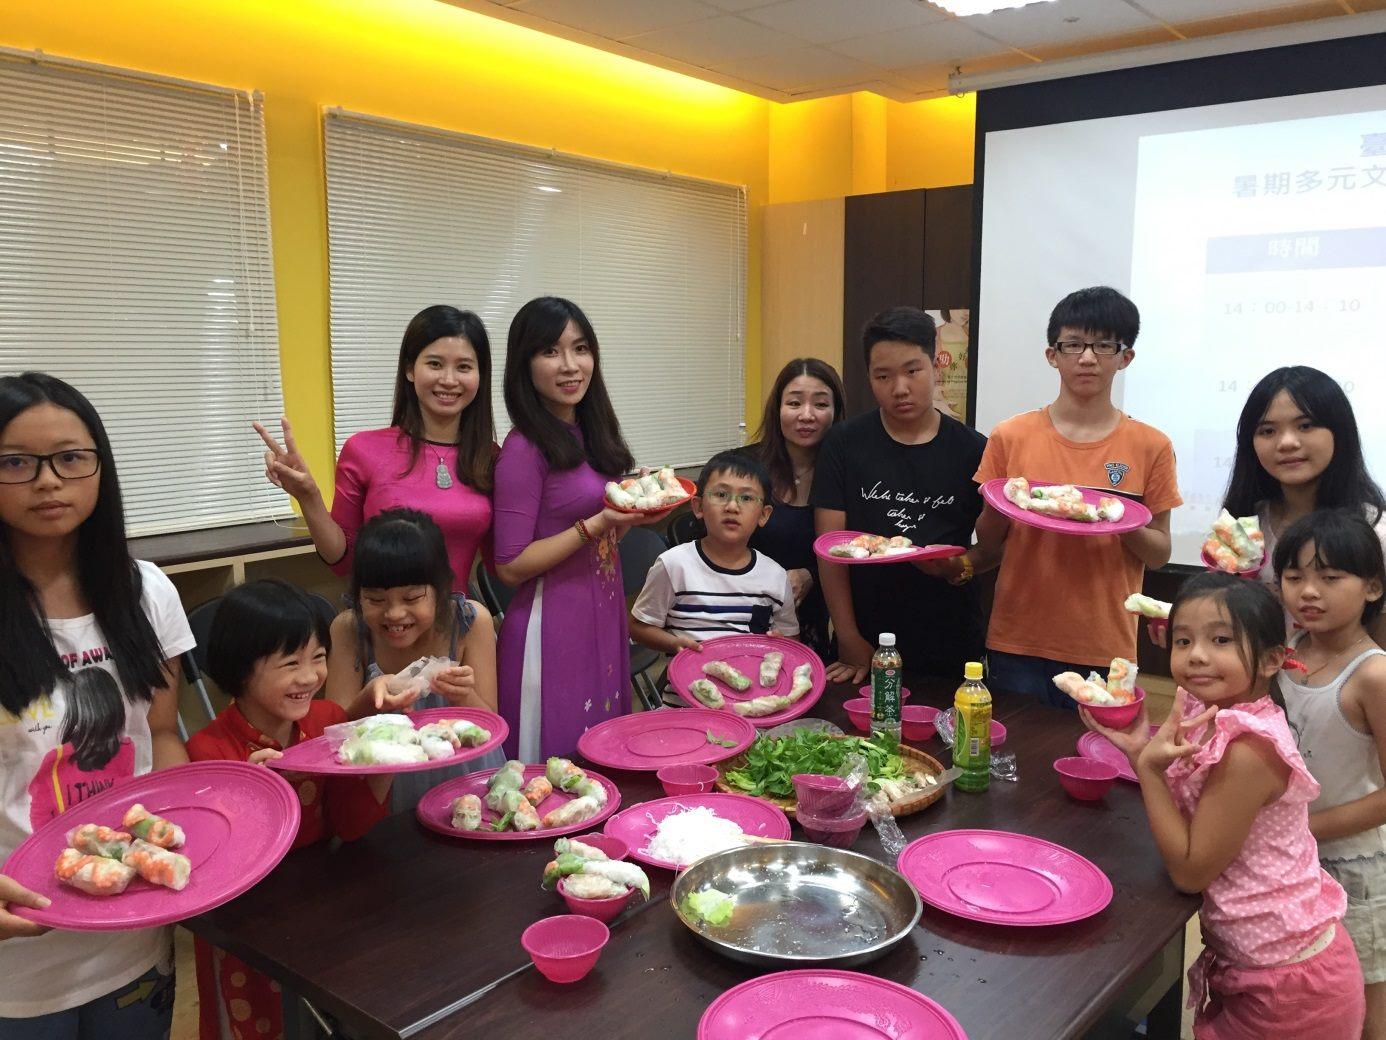 自做越南美食展示活動